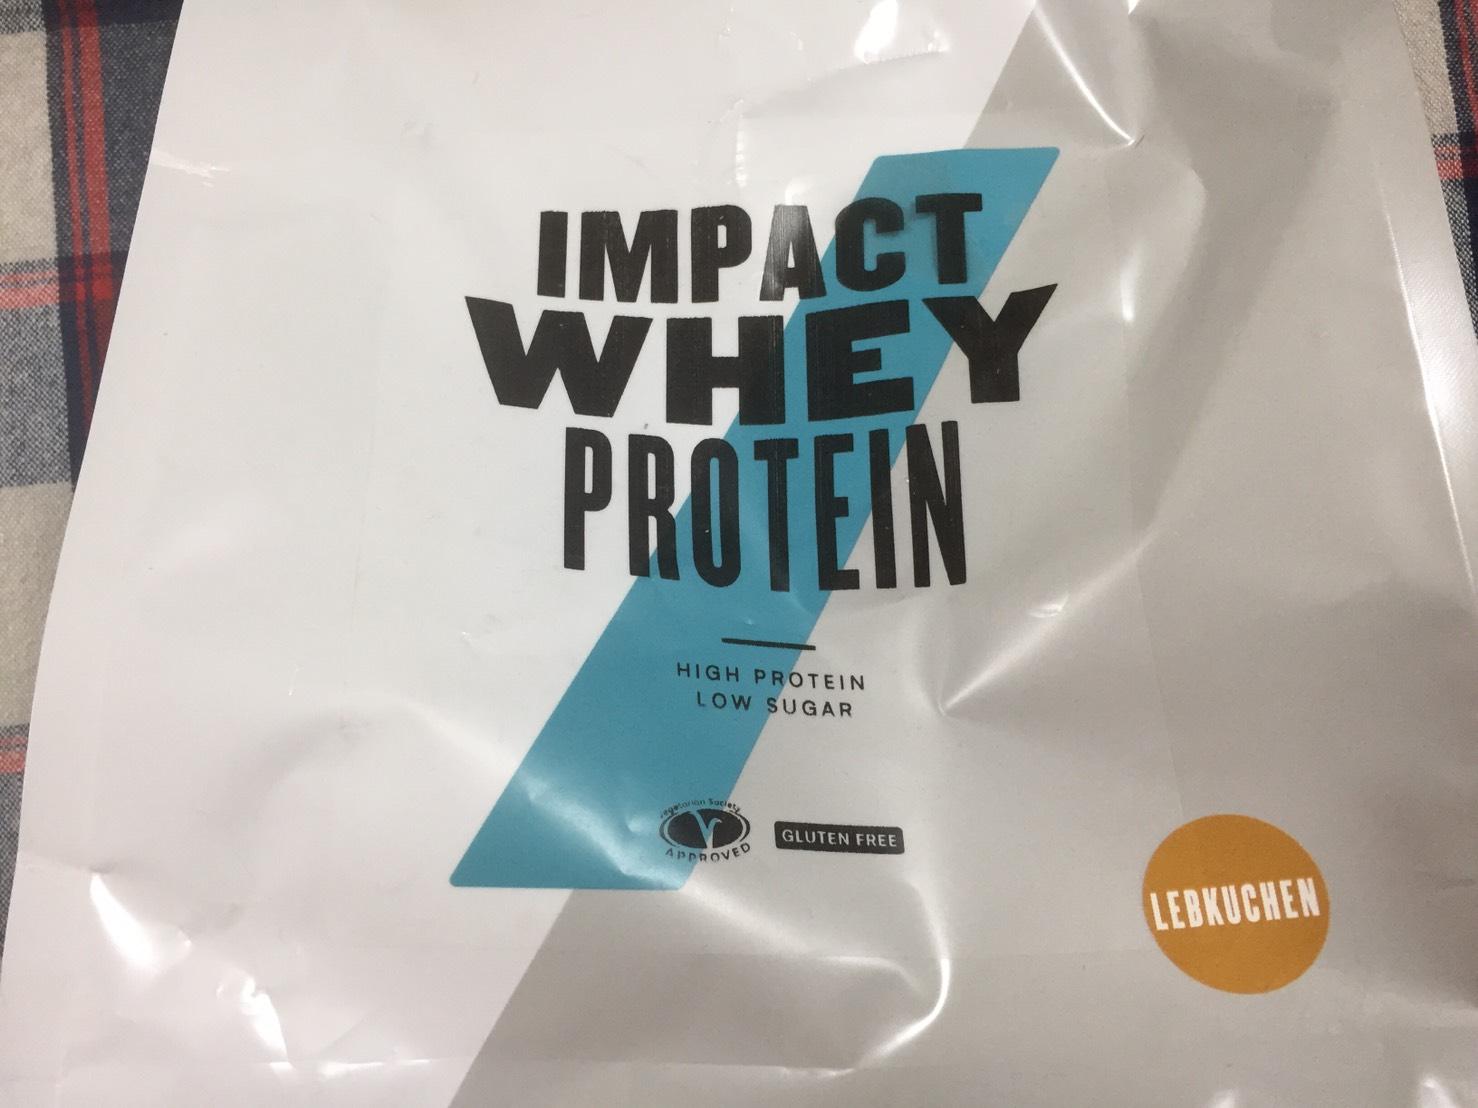 【WPC】Impactホエイプロテイン「レープクーヘン味」・「ジンジャーブレッド味」